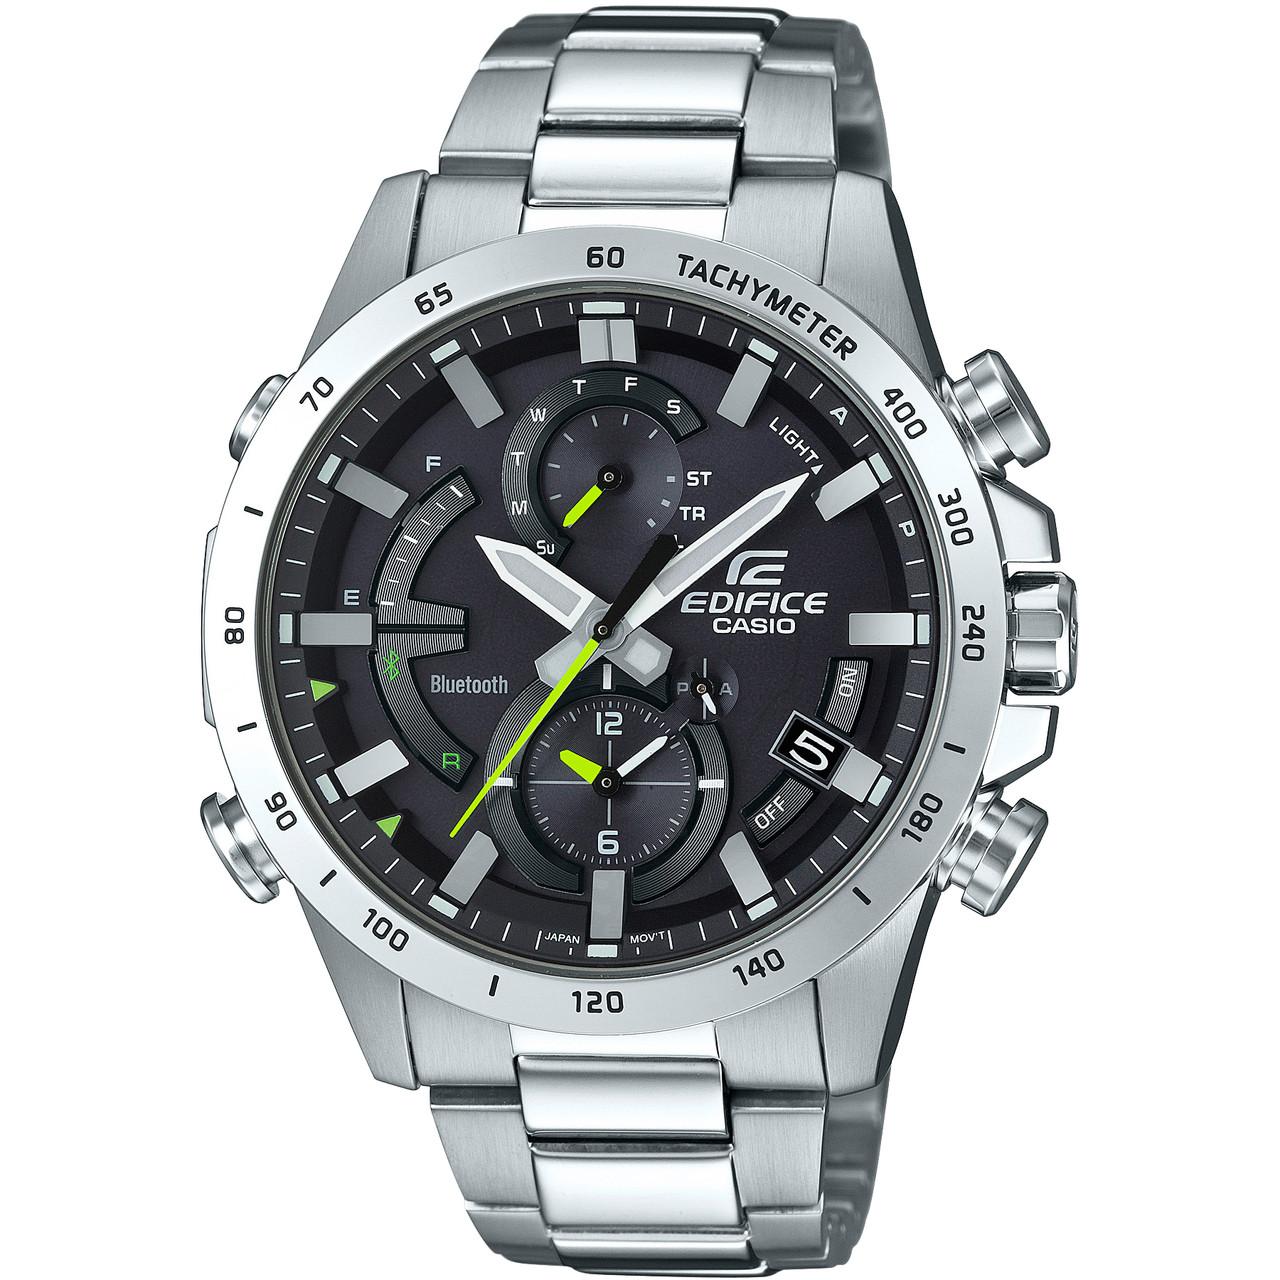 70bf809263c Casio Edifice Bluetooth Solar LED Watch EQB-900D-1AER